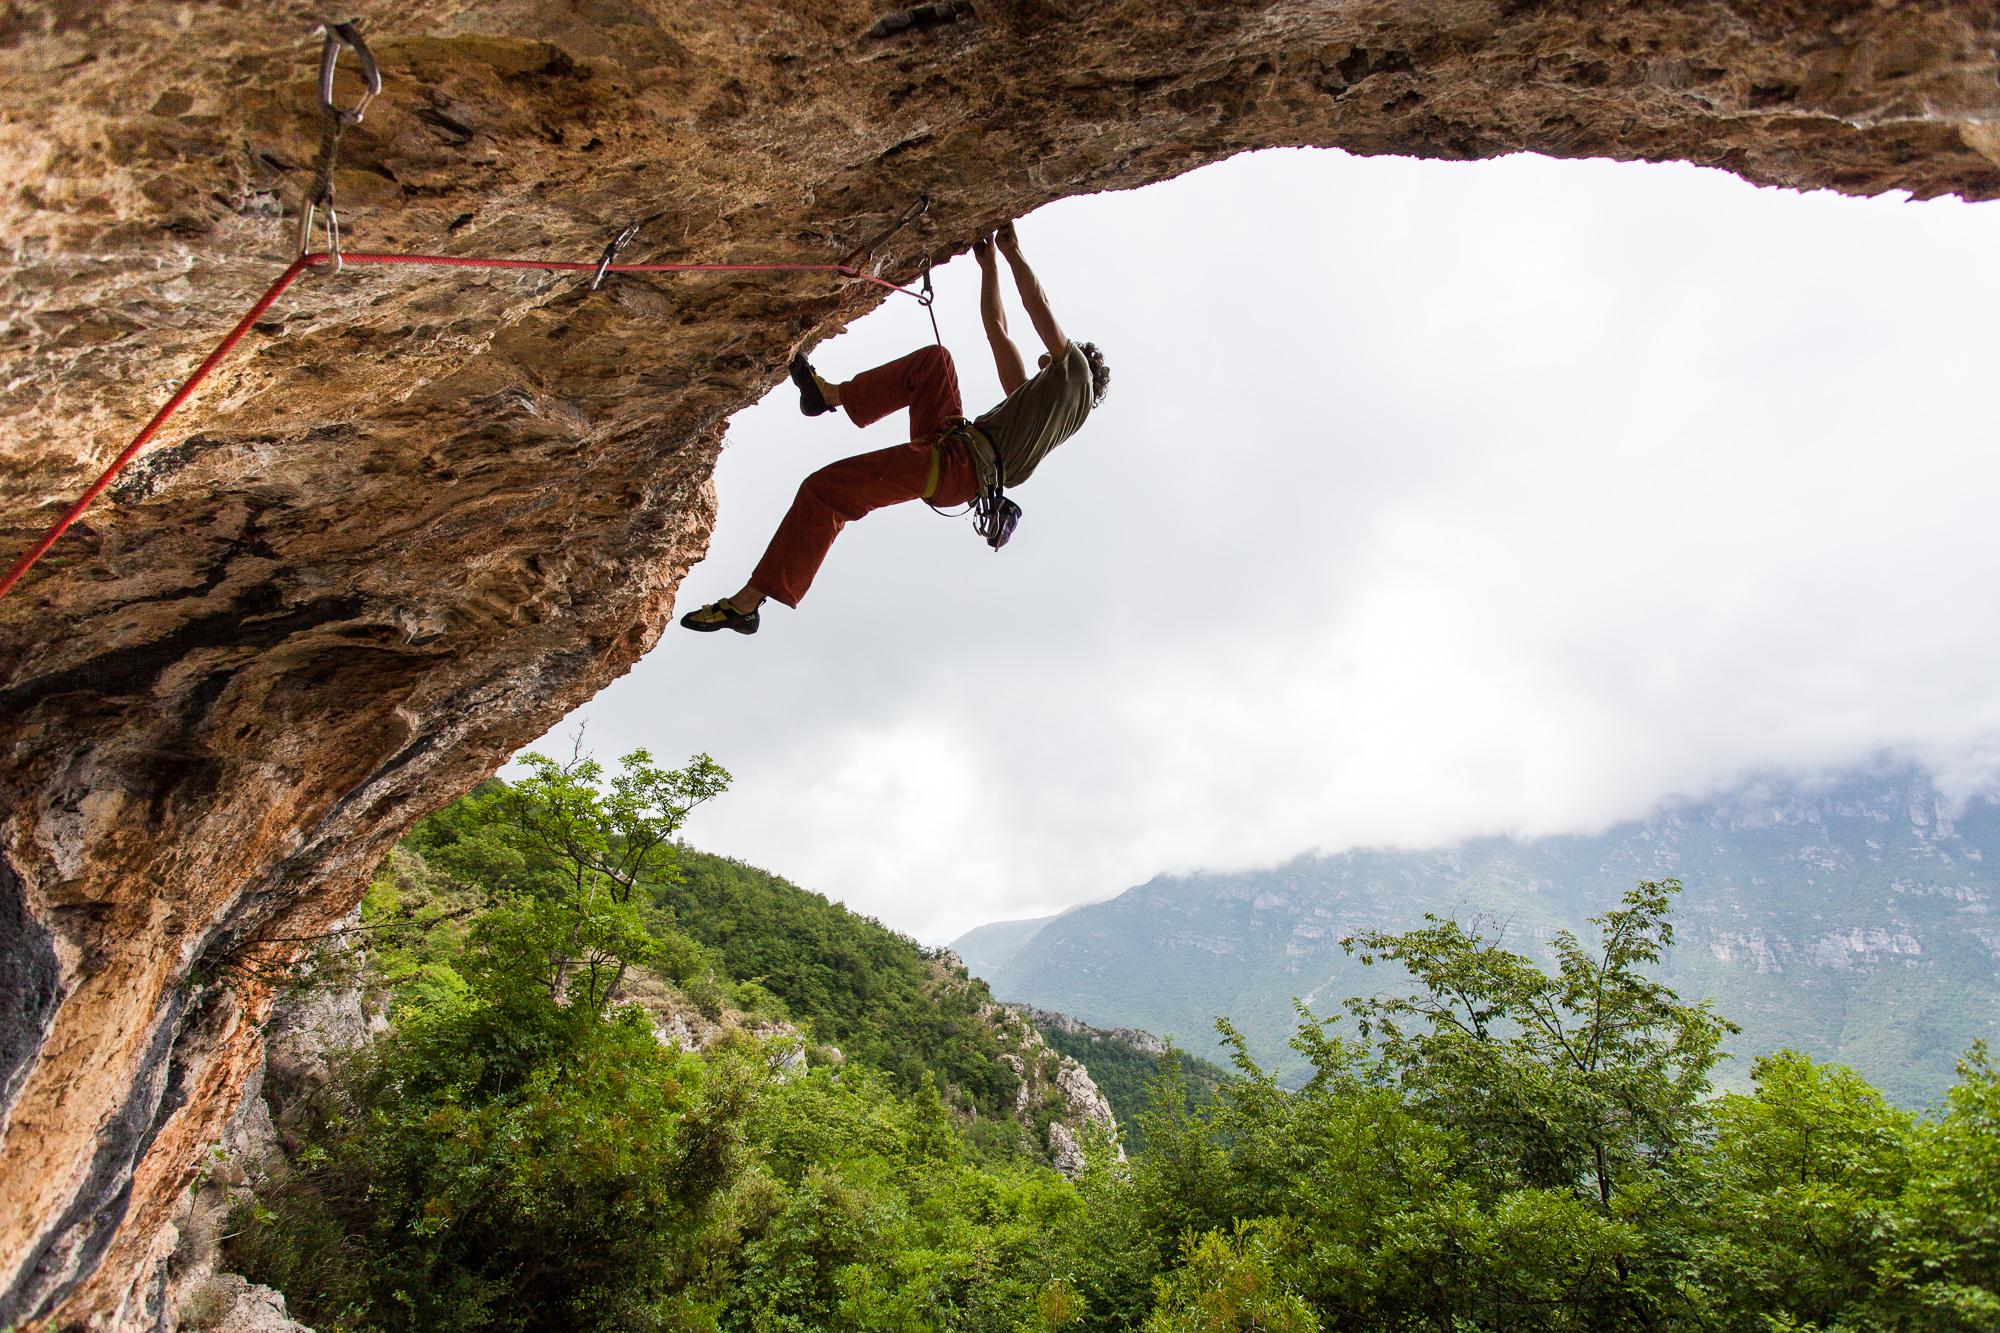 Kraftige Kletterei im Val Pennavaire, Ligurien